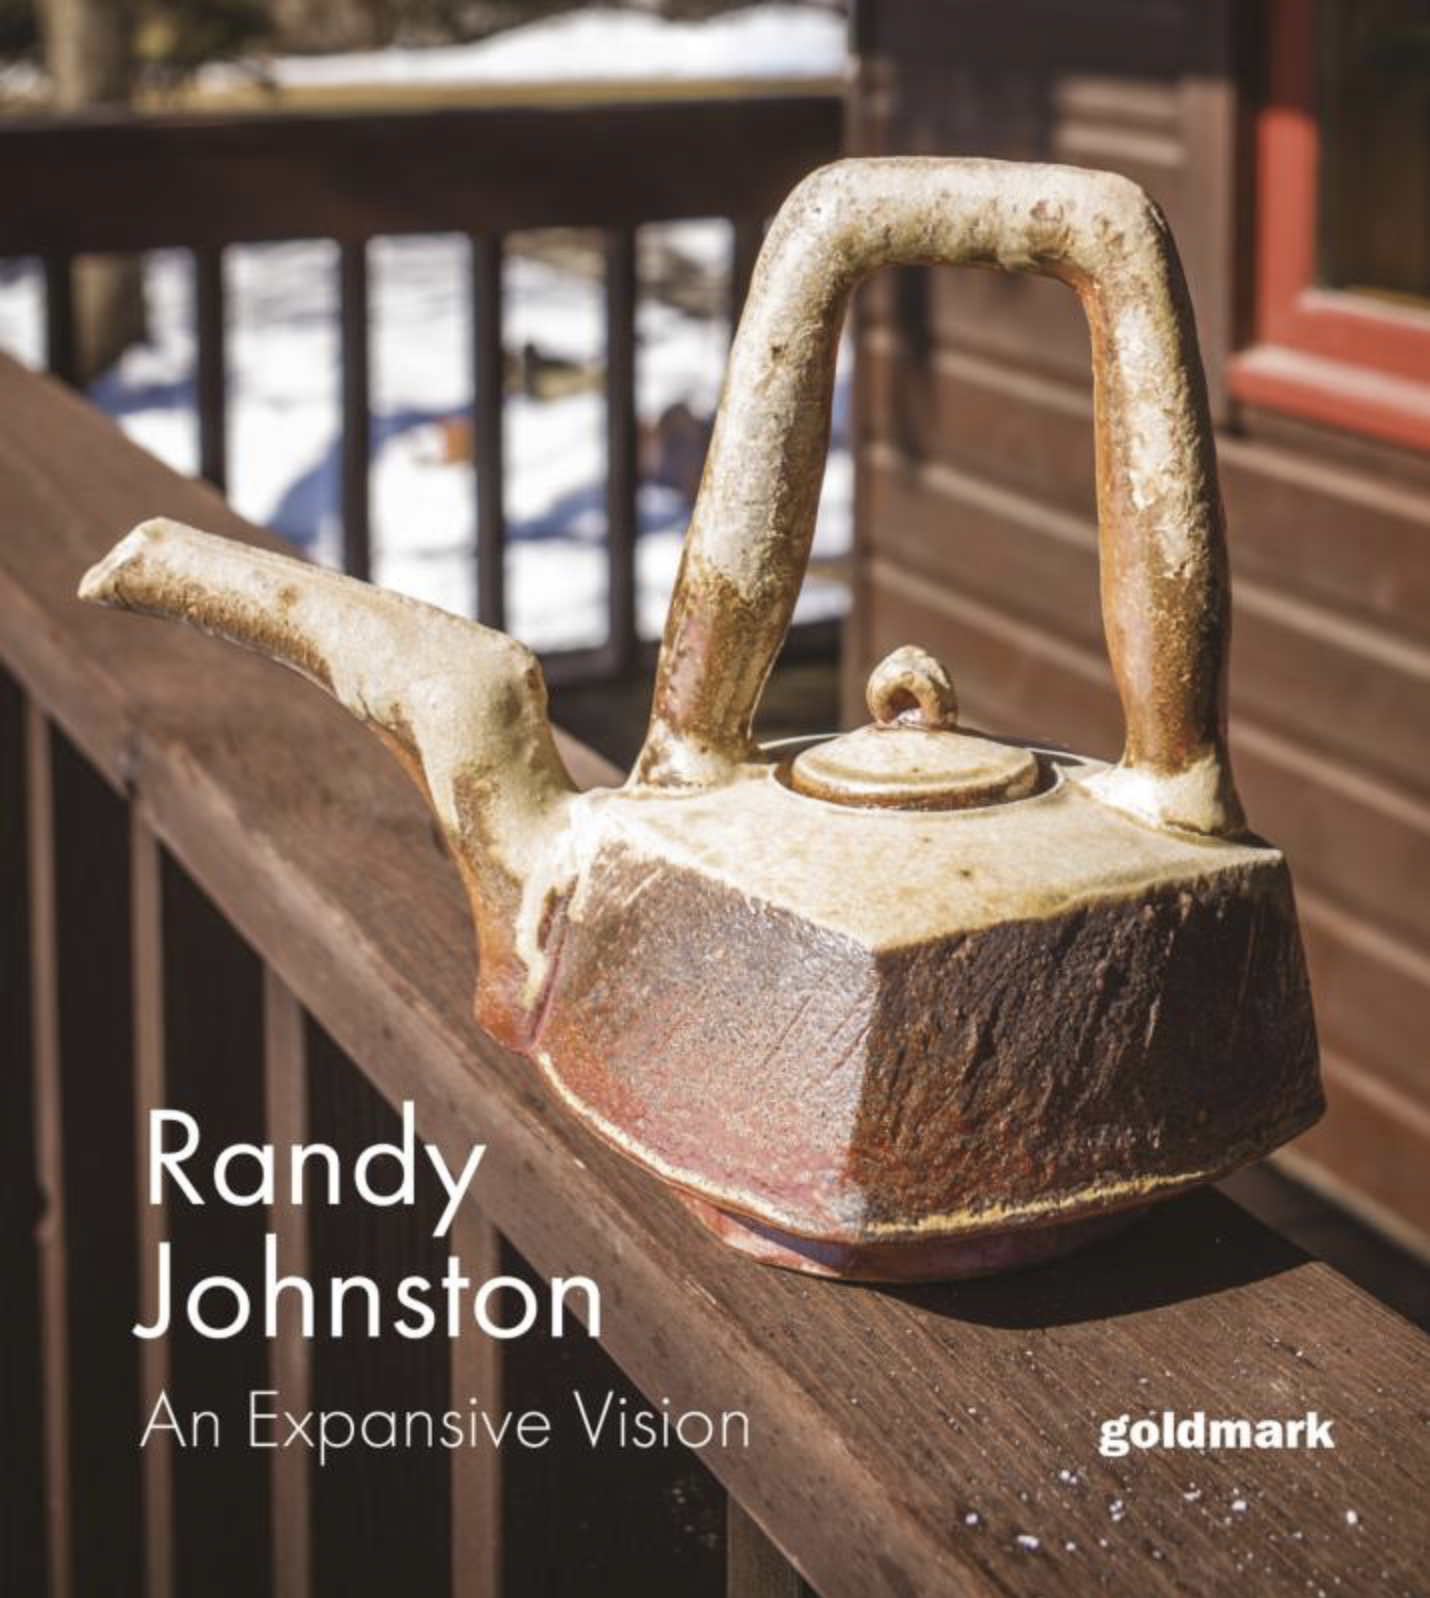 Randy Johnston - An Expansive Vision DVD - Goldmark Art Documentary Film